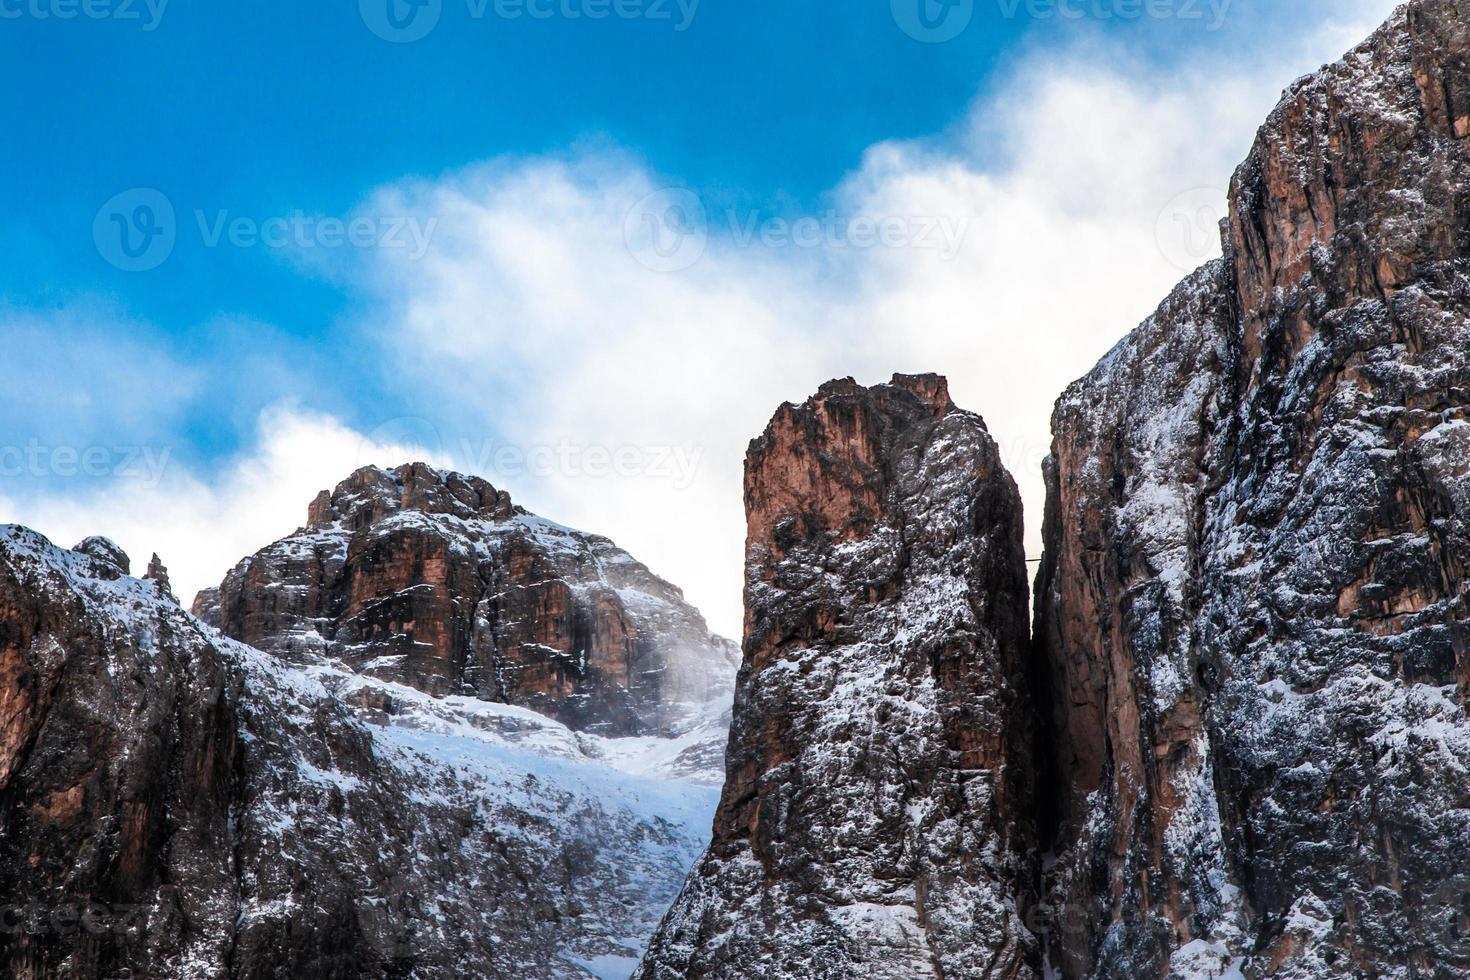 vento no cume da montanha foto